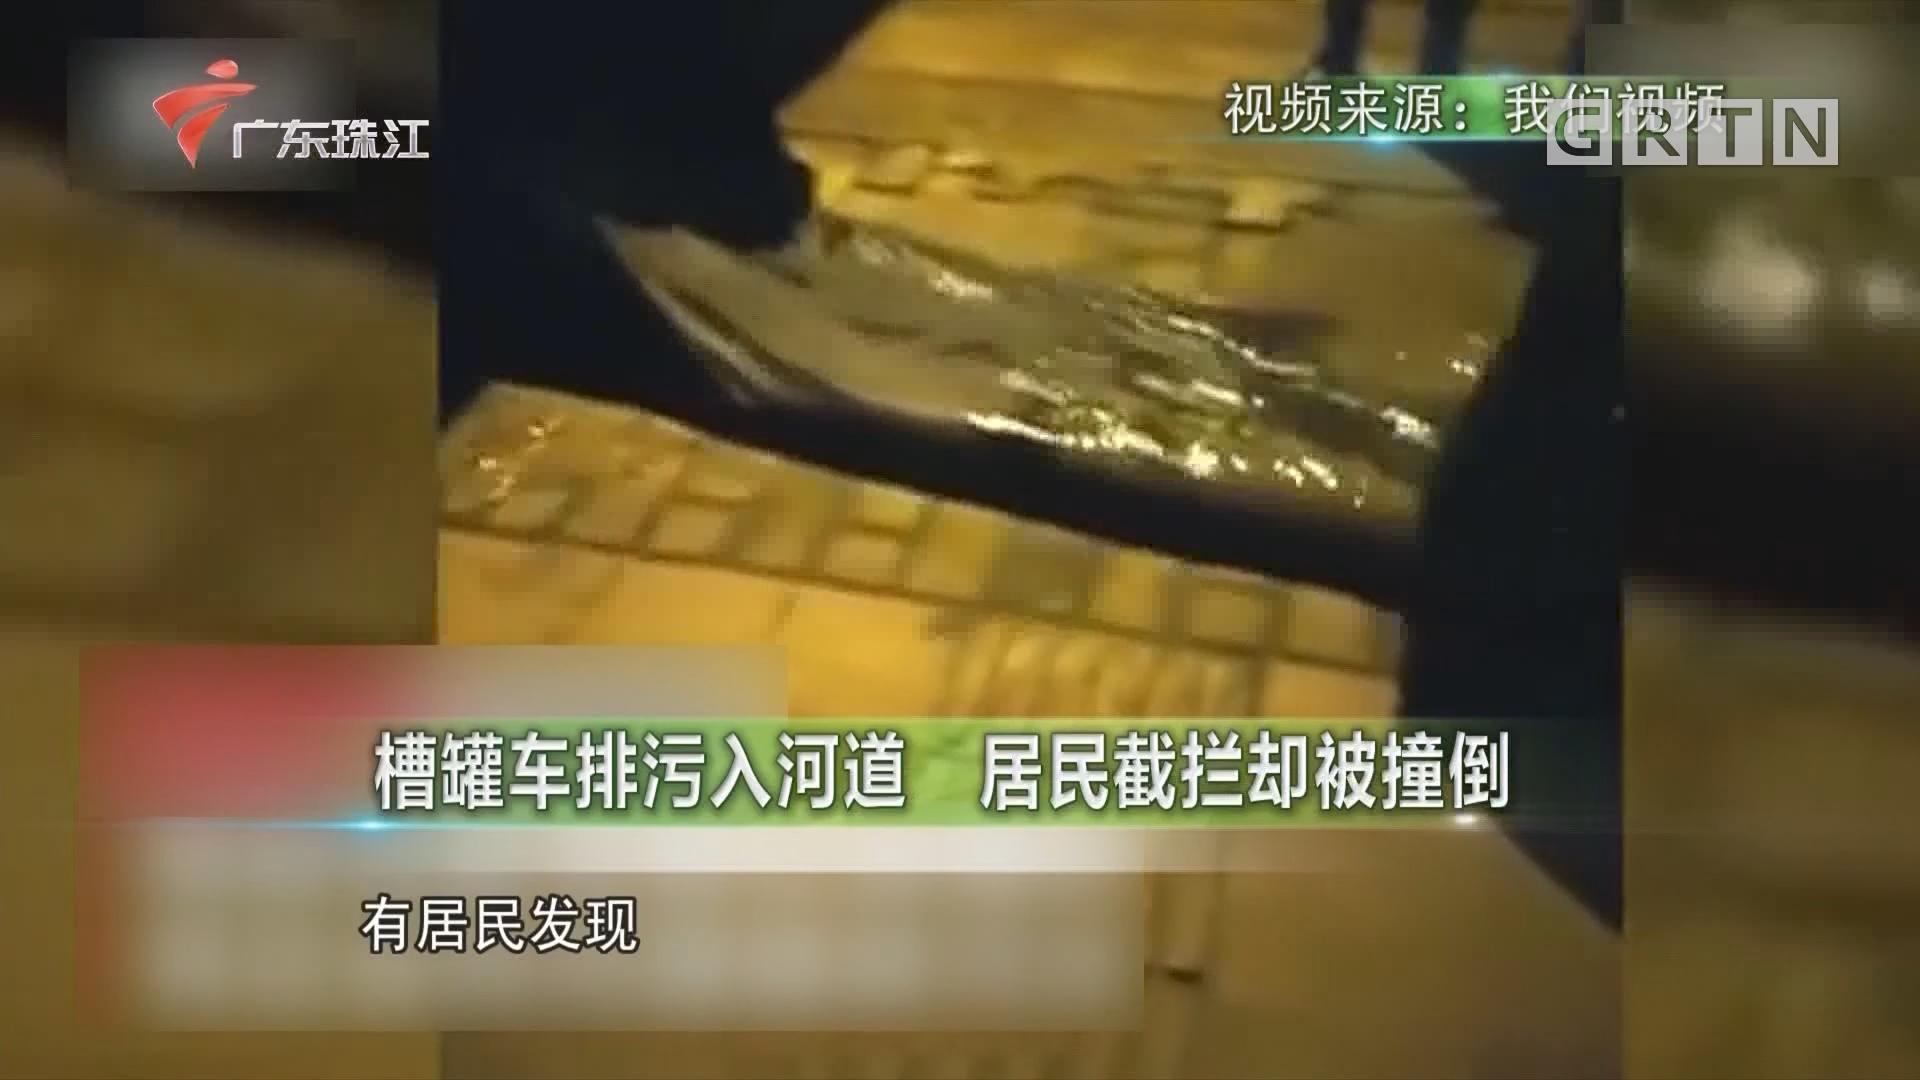 槽罐车排污入河道 居民截拦却被撞倒